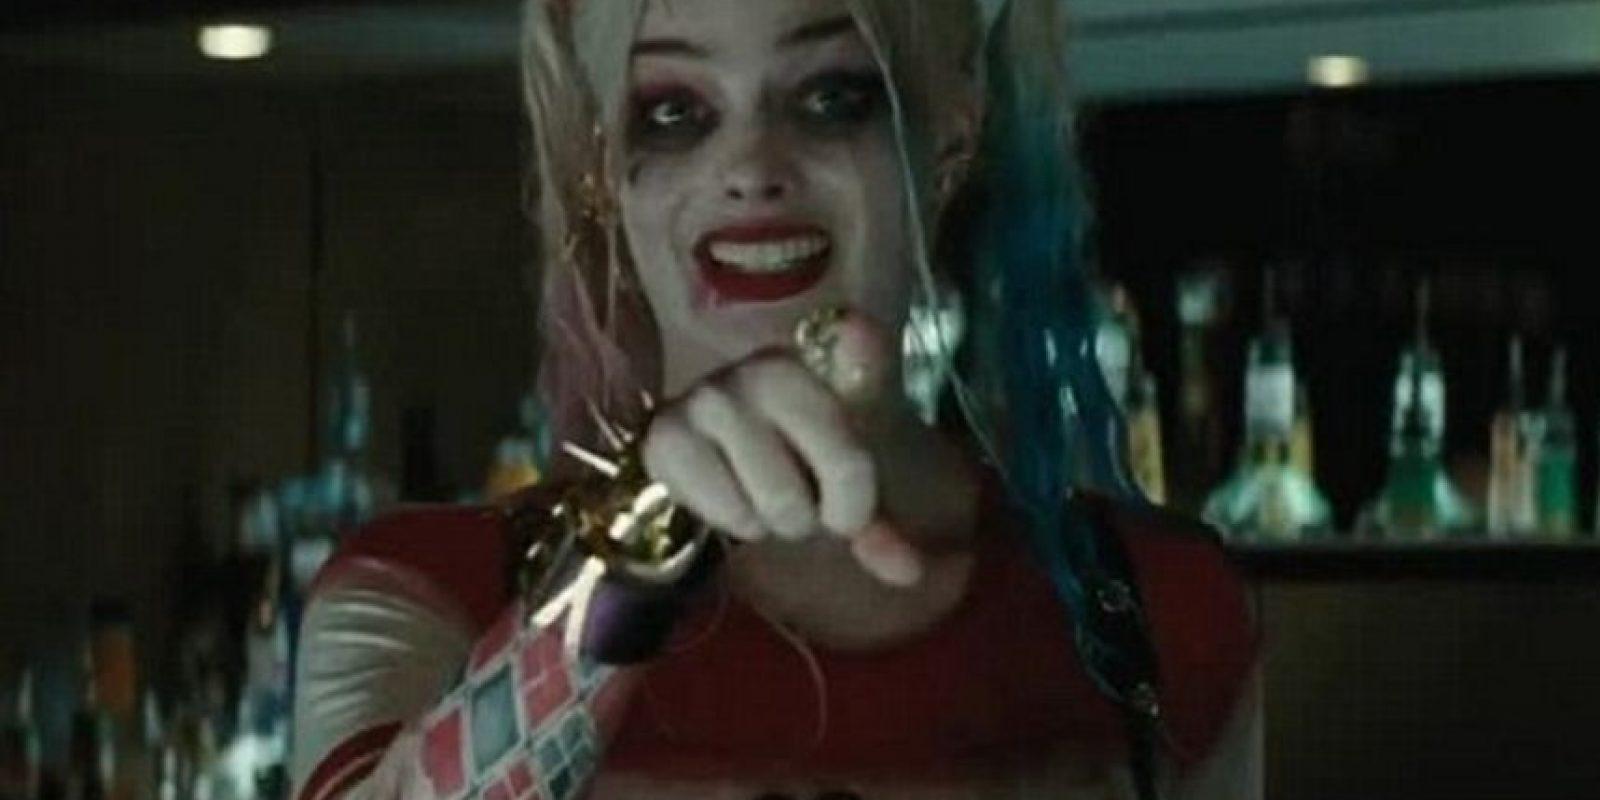 """Defendió la esencia de su personaje: """"Es incomprendida. Pero en el fondo es buena persona"""". Foto:Warner Brothers. Imagen Por:"""